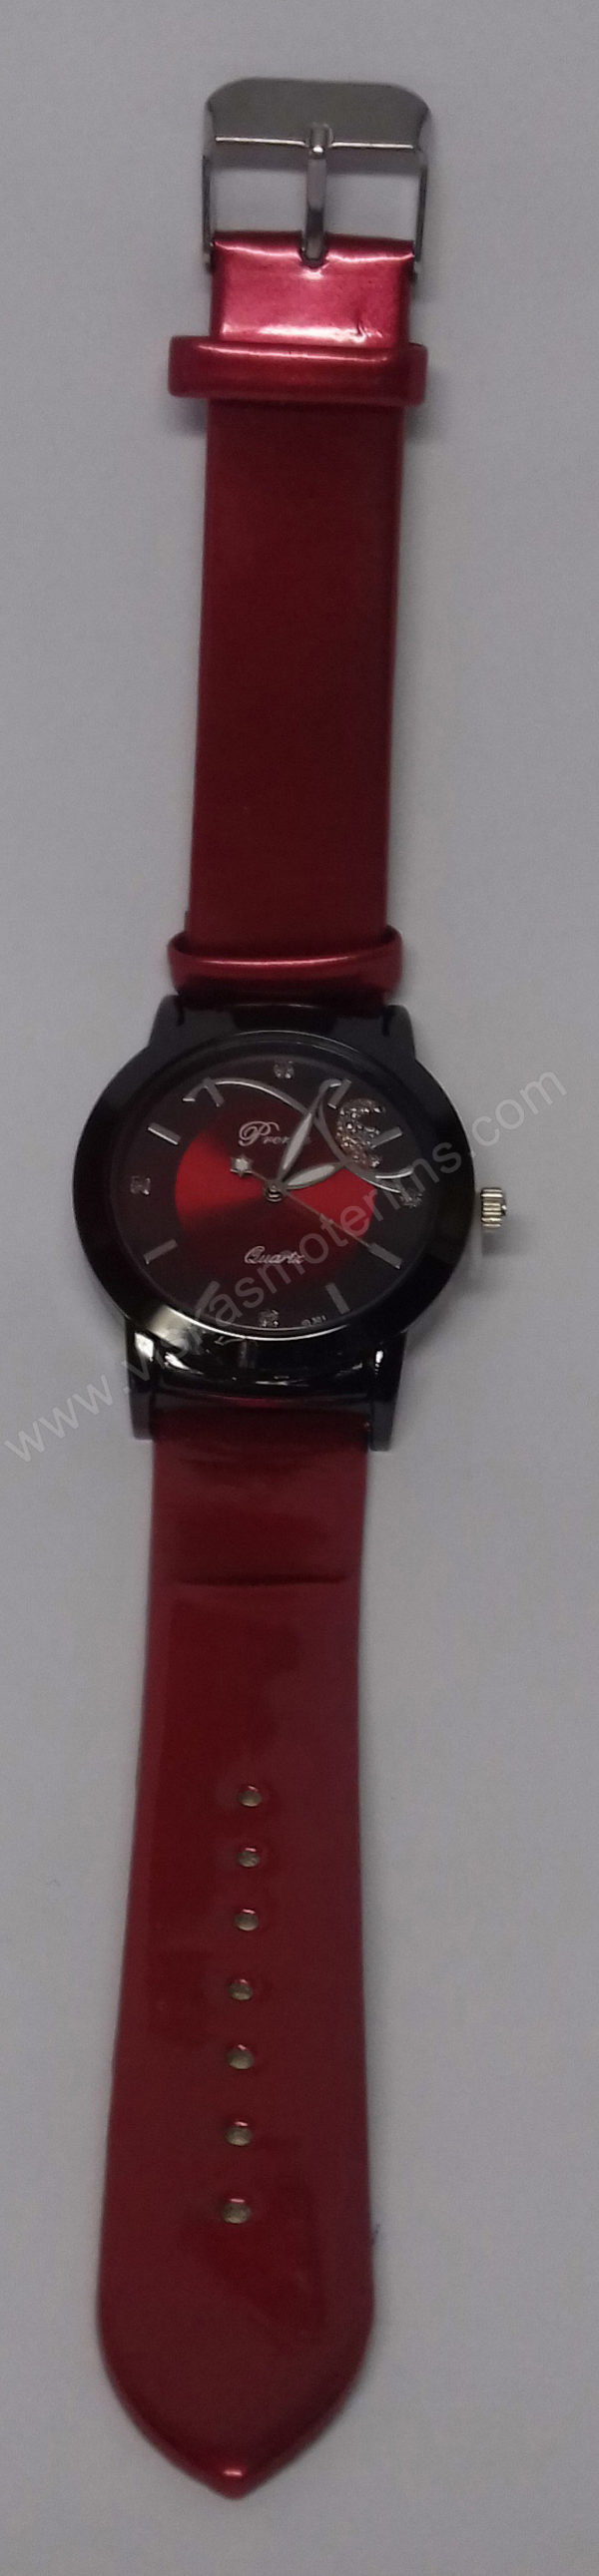 Moteriškas laikrodis raudonas Prema - visu ilgiu vertikaliai